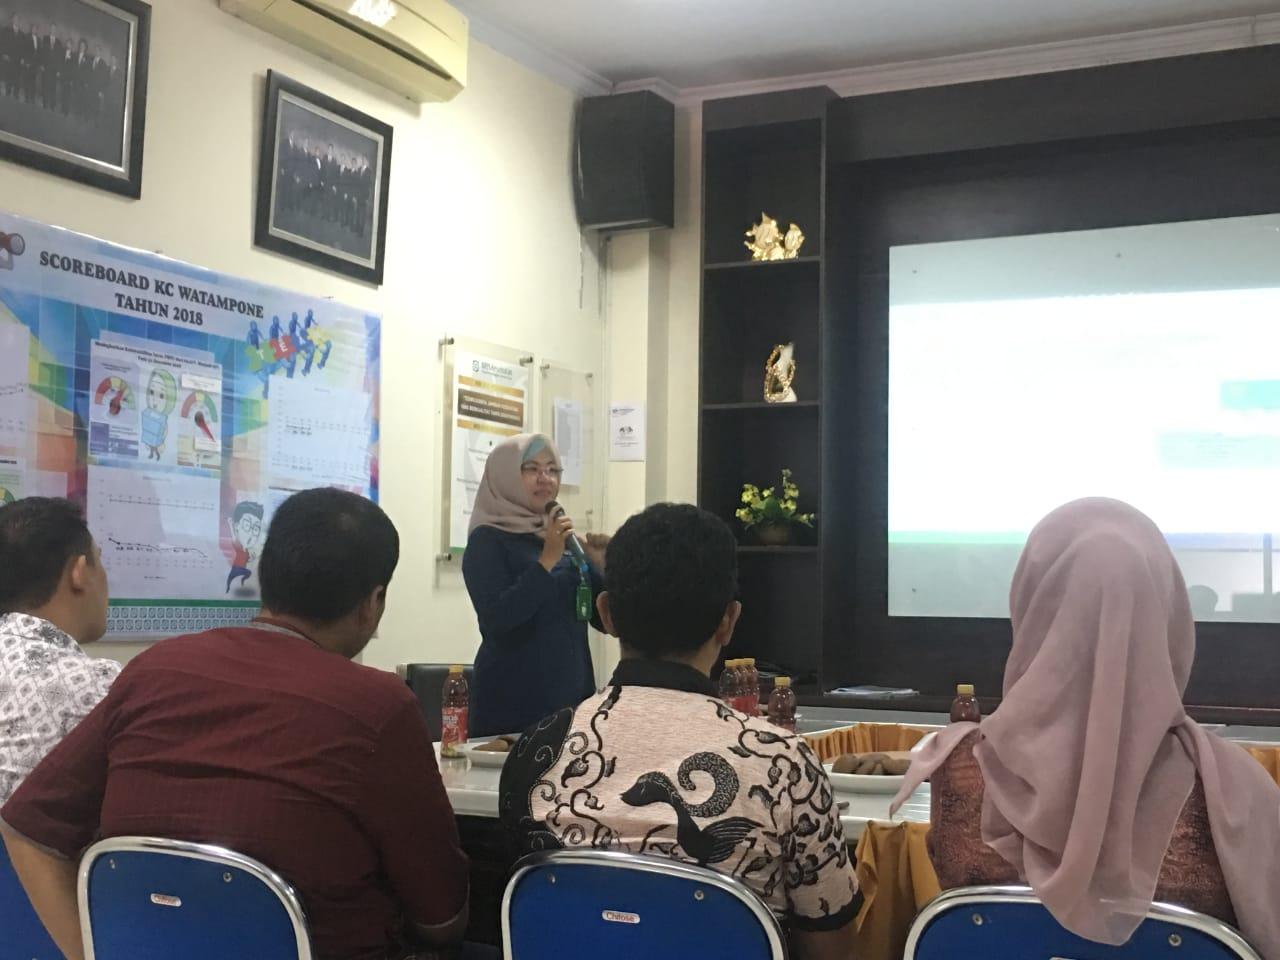 Lewat Sosialisasi, BPJS Kesehatan Cabang Watampone Himbau Kader JKN Tolak Gratifikasi